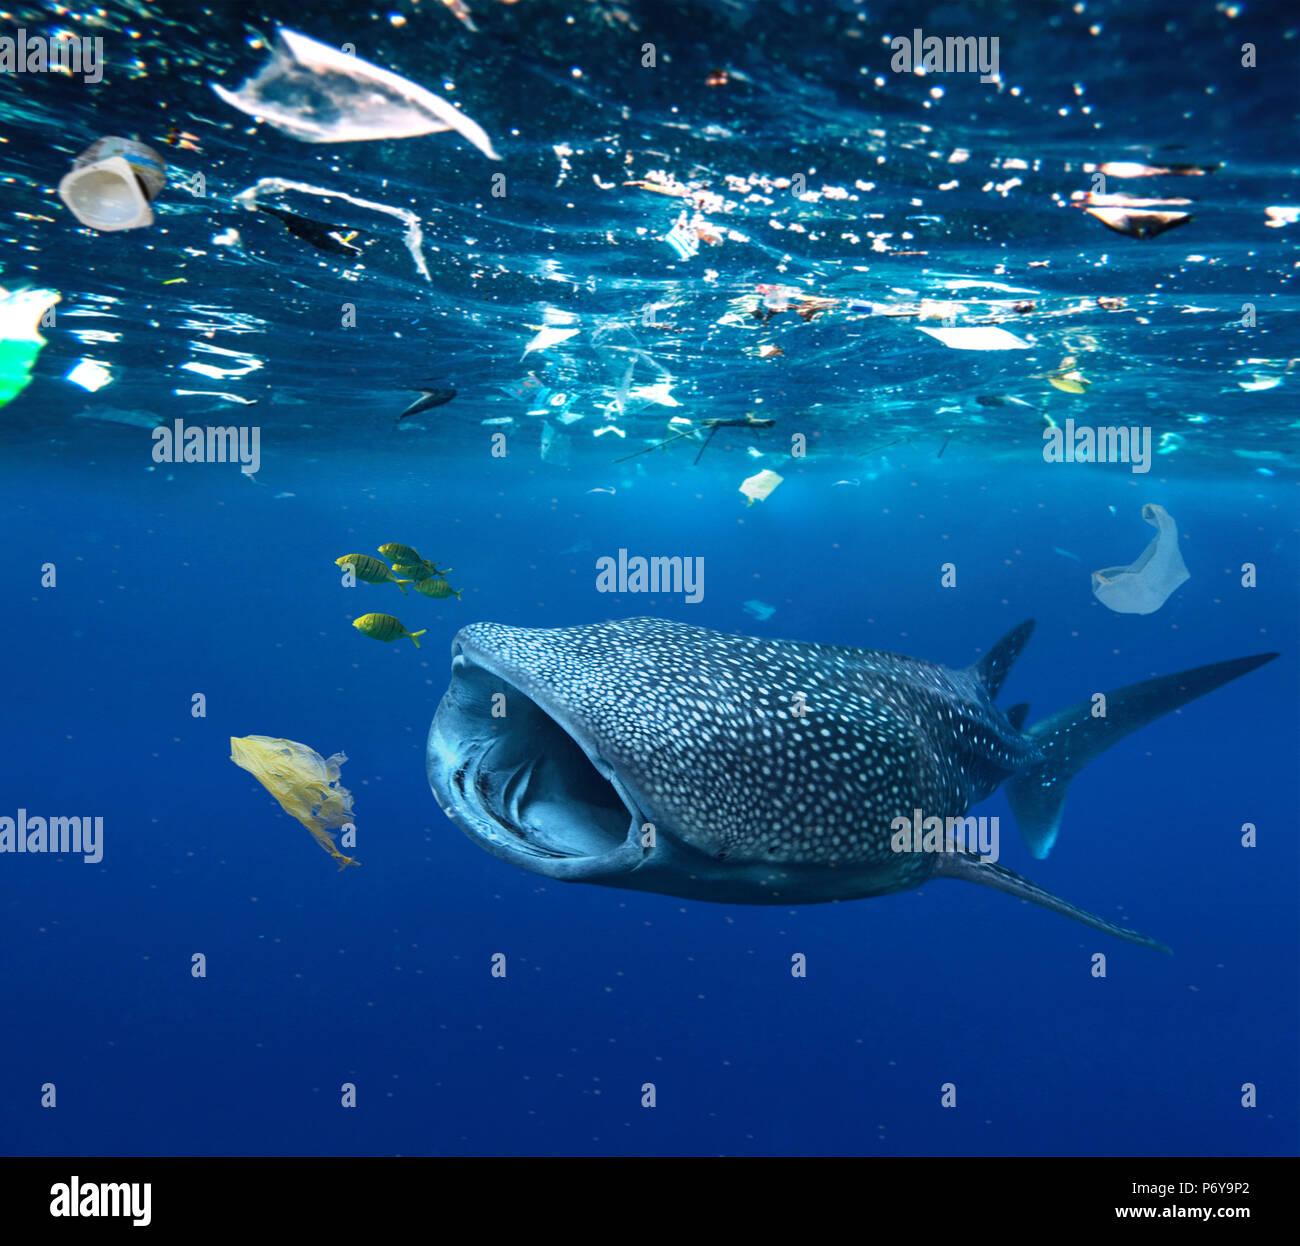 Squalo Balena, Rhincodon typus, alimentando nel mezzo di sacchetti di plastica e altri rifiuti di plastica. Immagini Stock